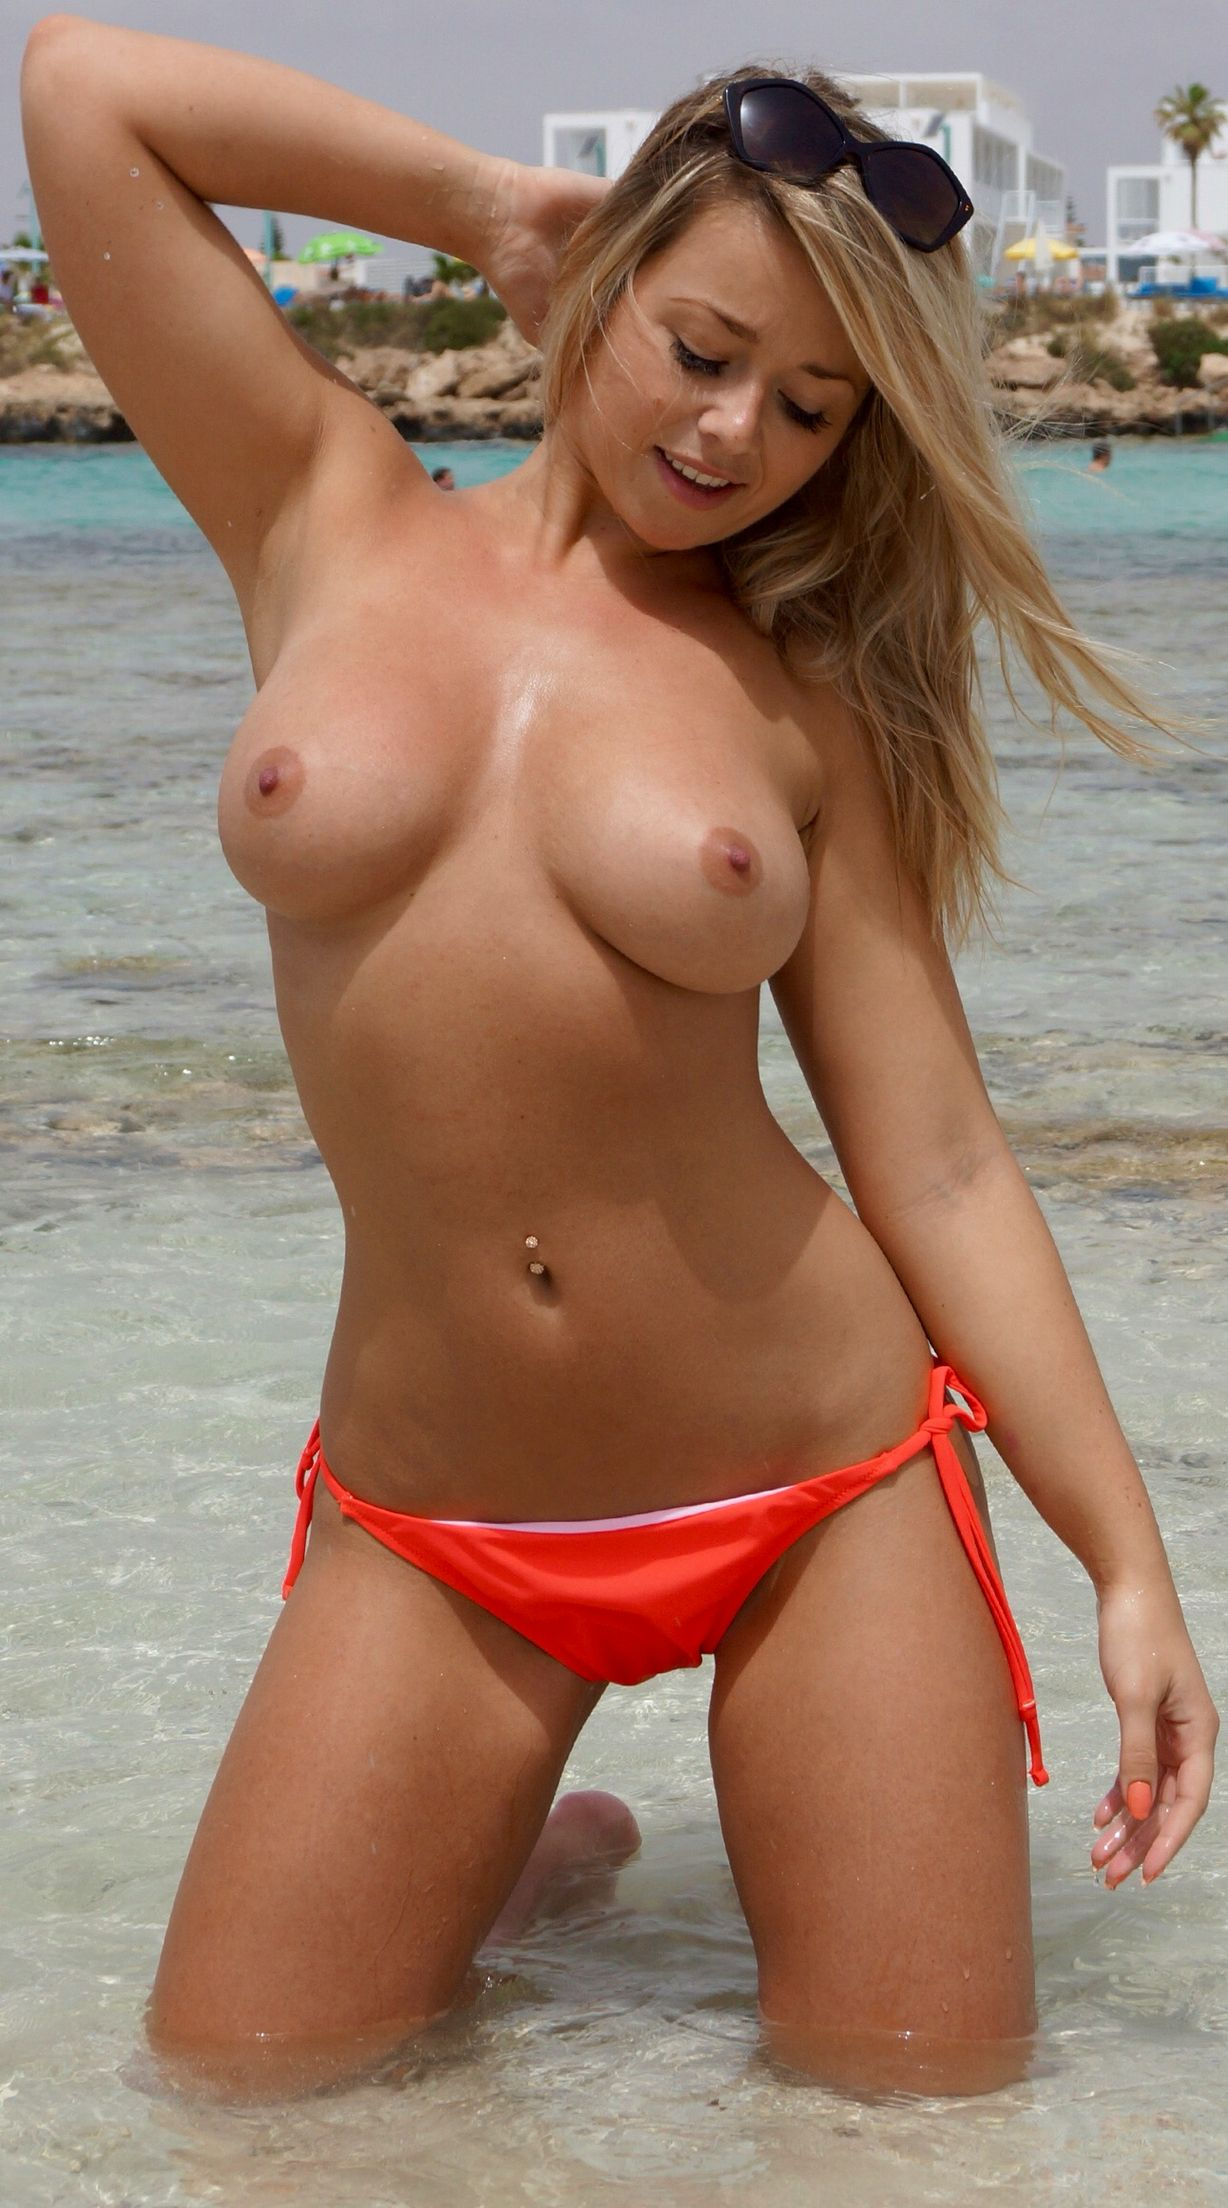 Commit Melissa nude beach agree